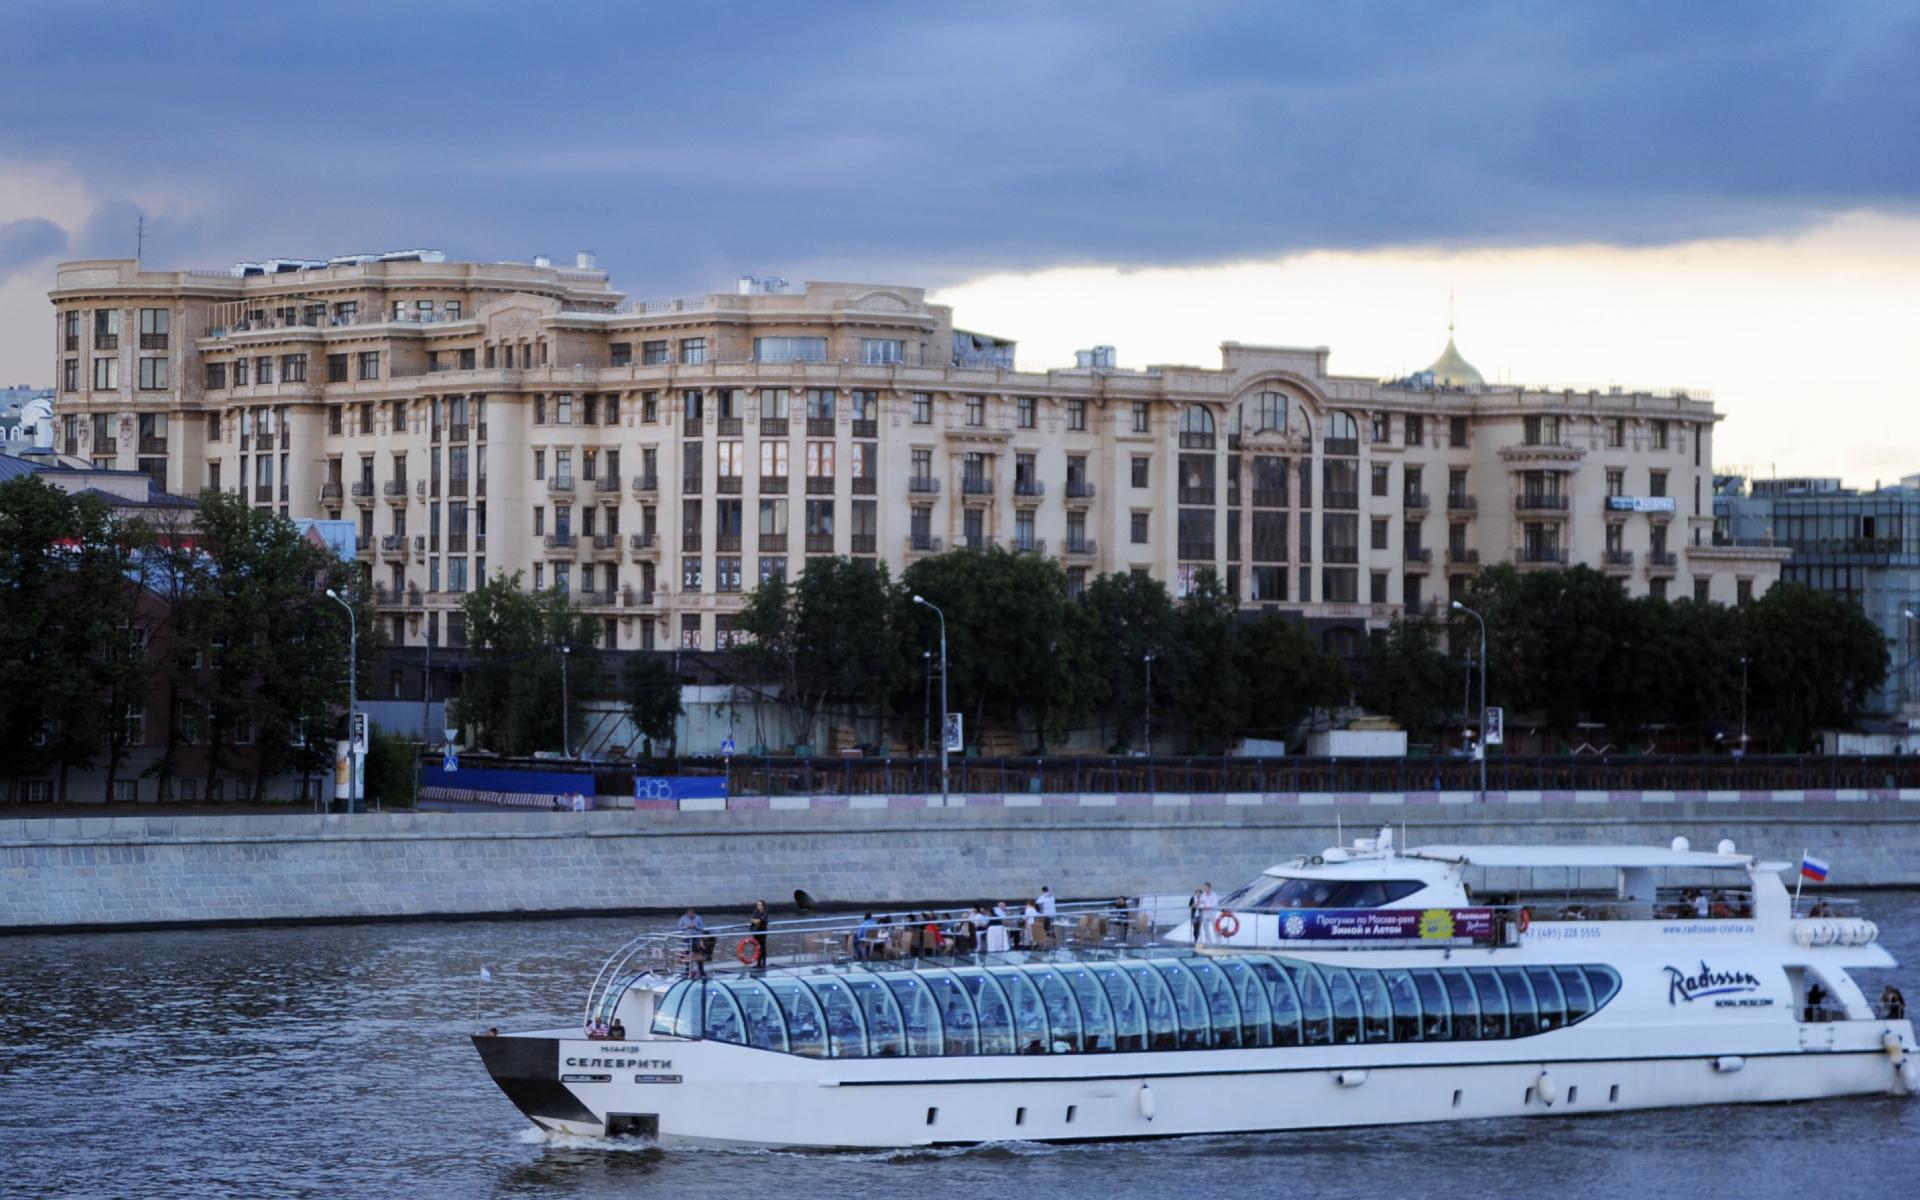 Вид на элитный ЖК на «золотой миле» в Москве